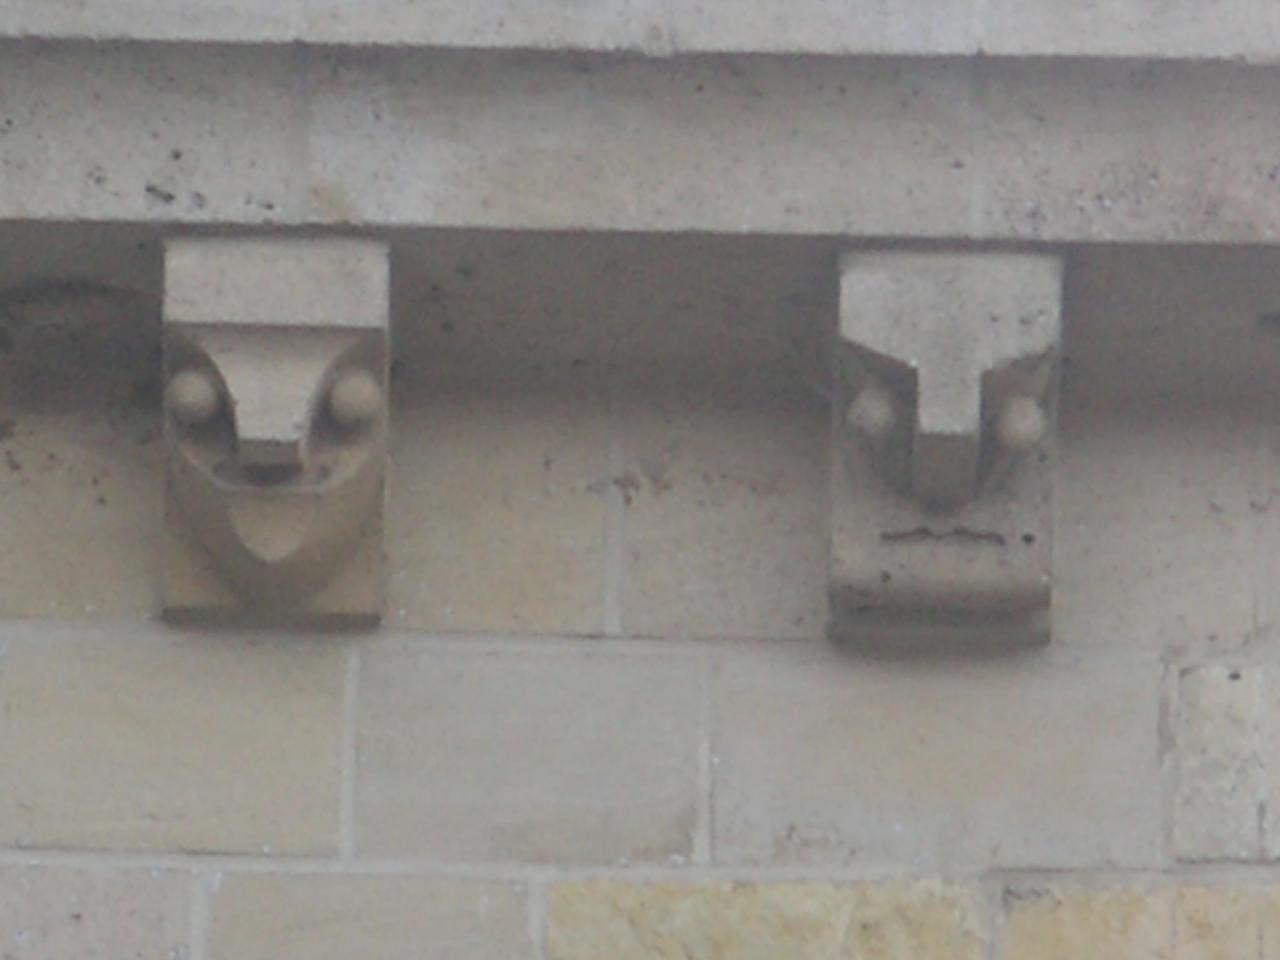 Comment appelle-t-on ces éléments ornementaux placés sous une corniche ?